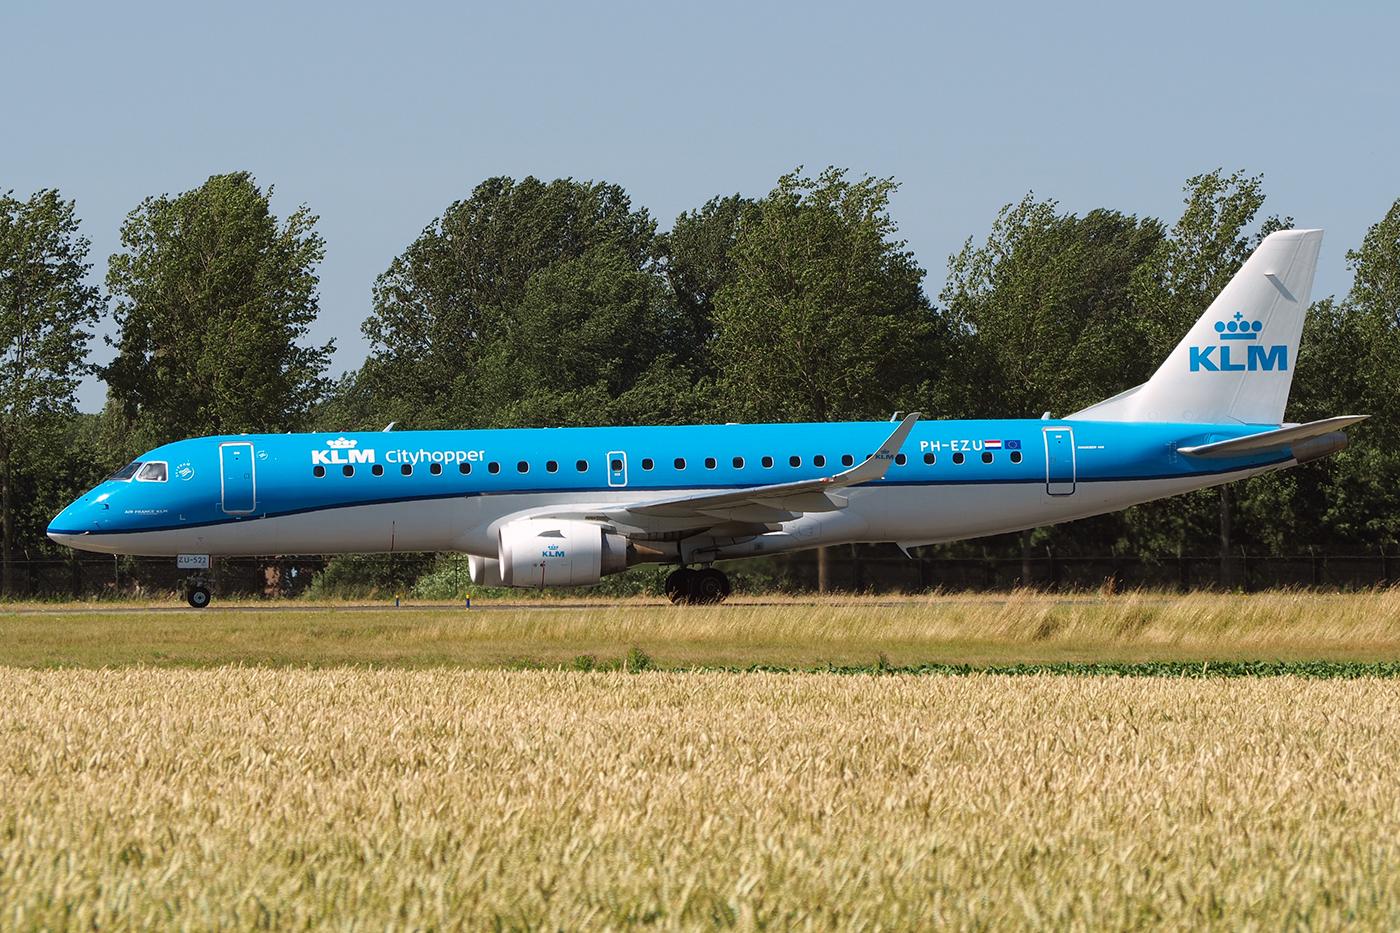 PH-EZU, KLM cityhopper, Embraer 190